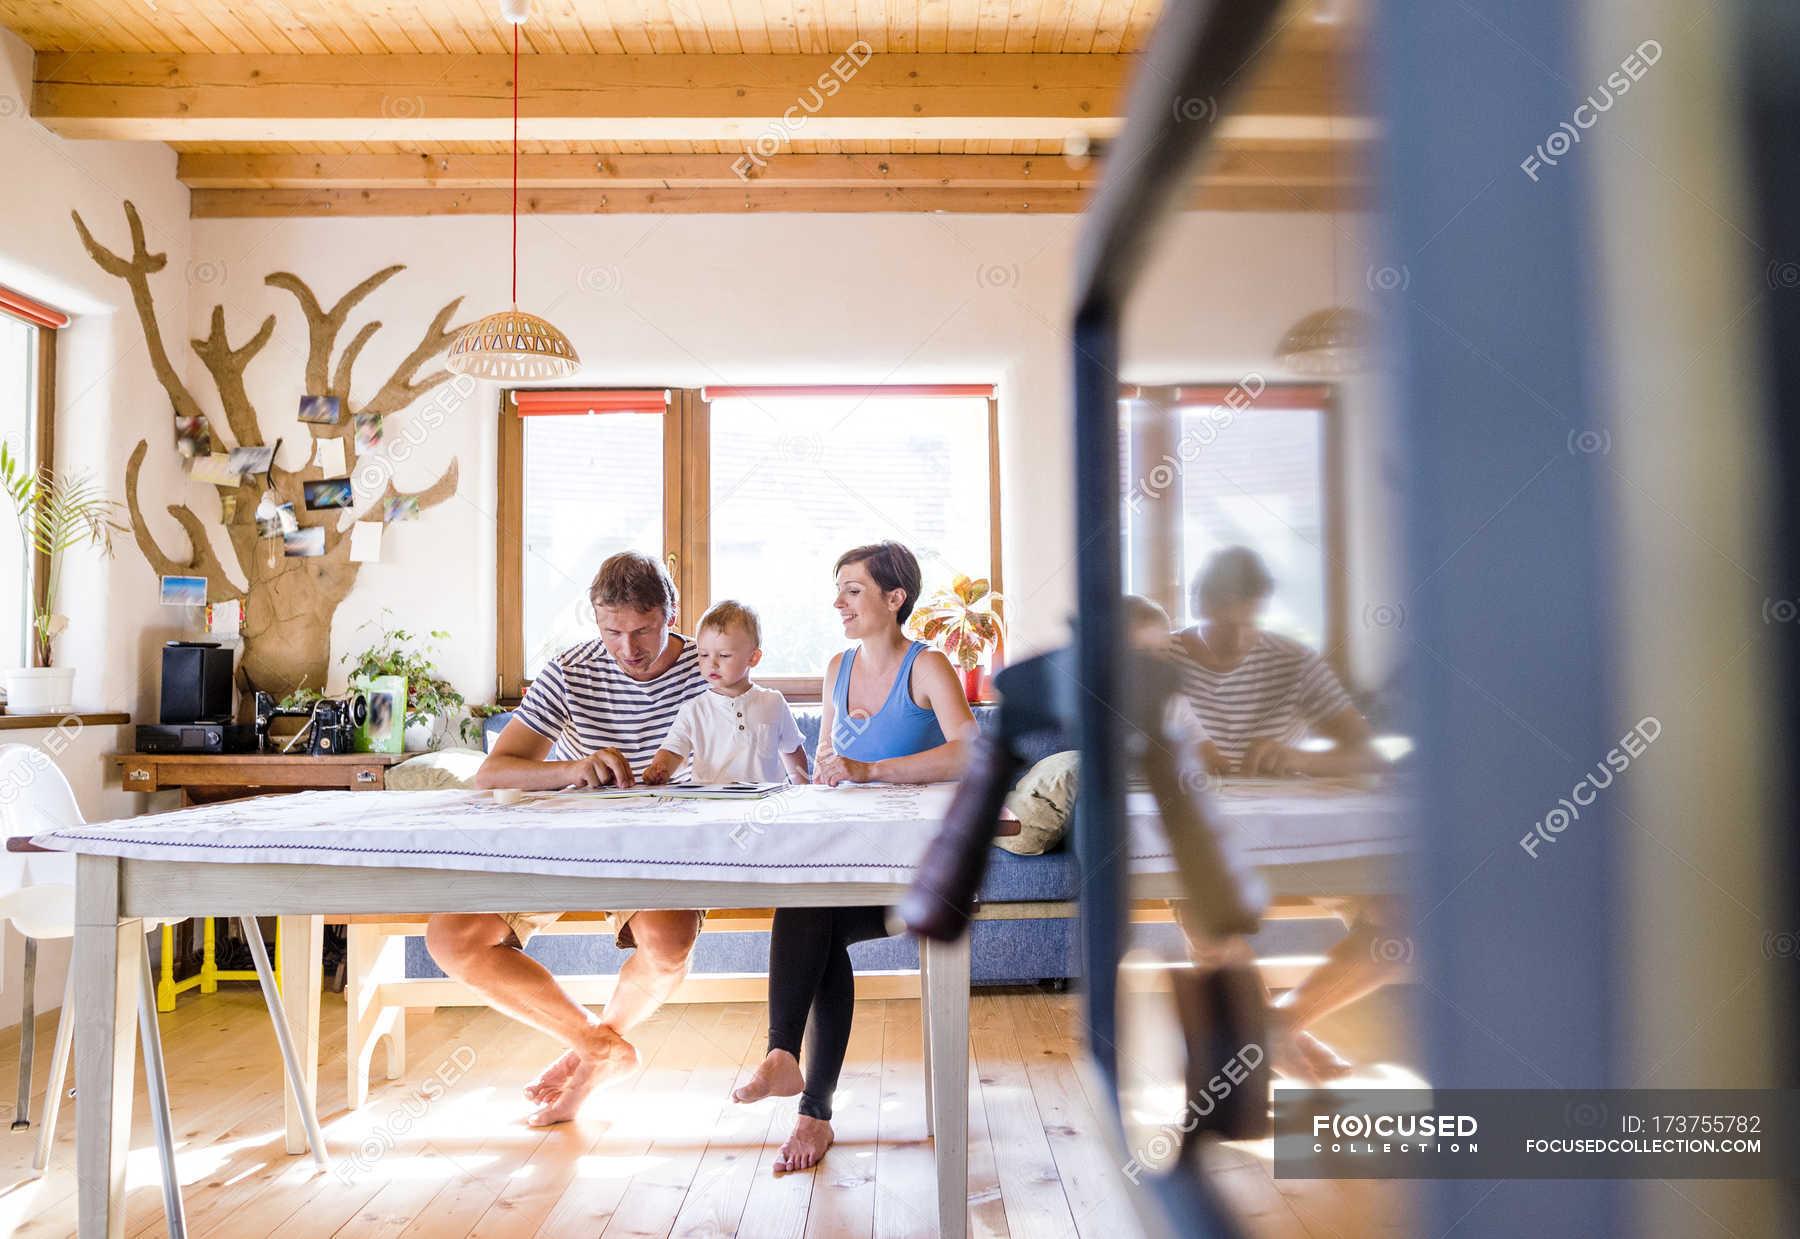 Basteln - Stockfotos, lizenzfreie Bilder | Focused